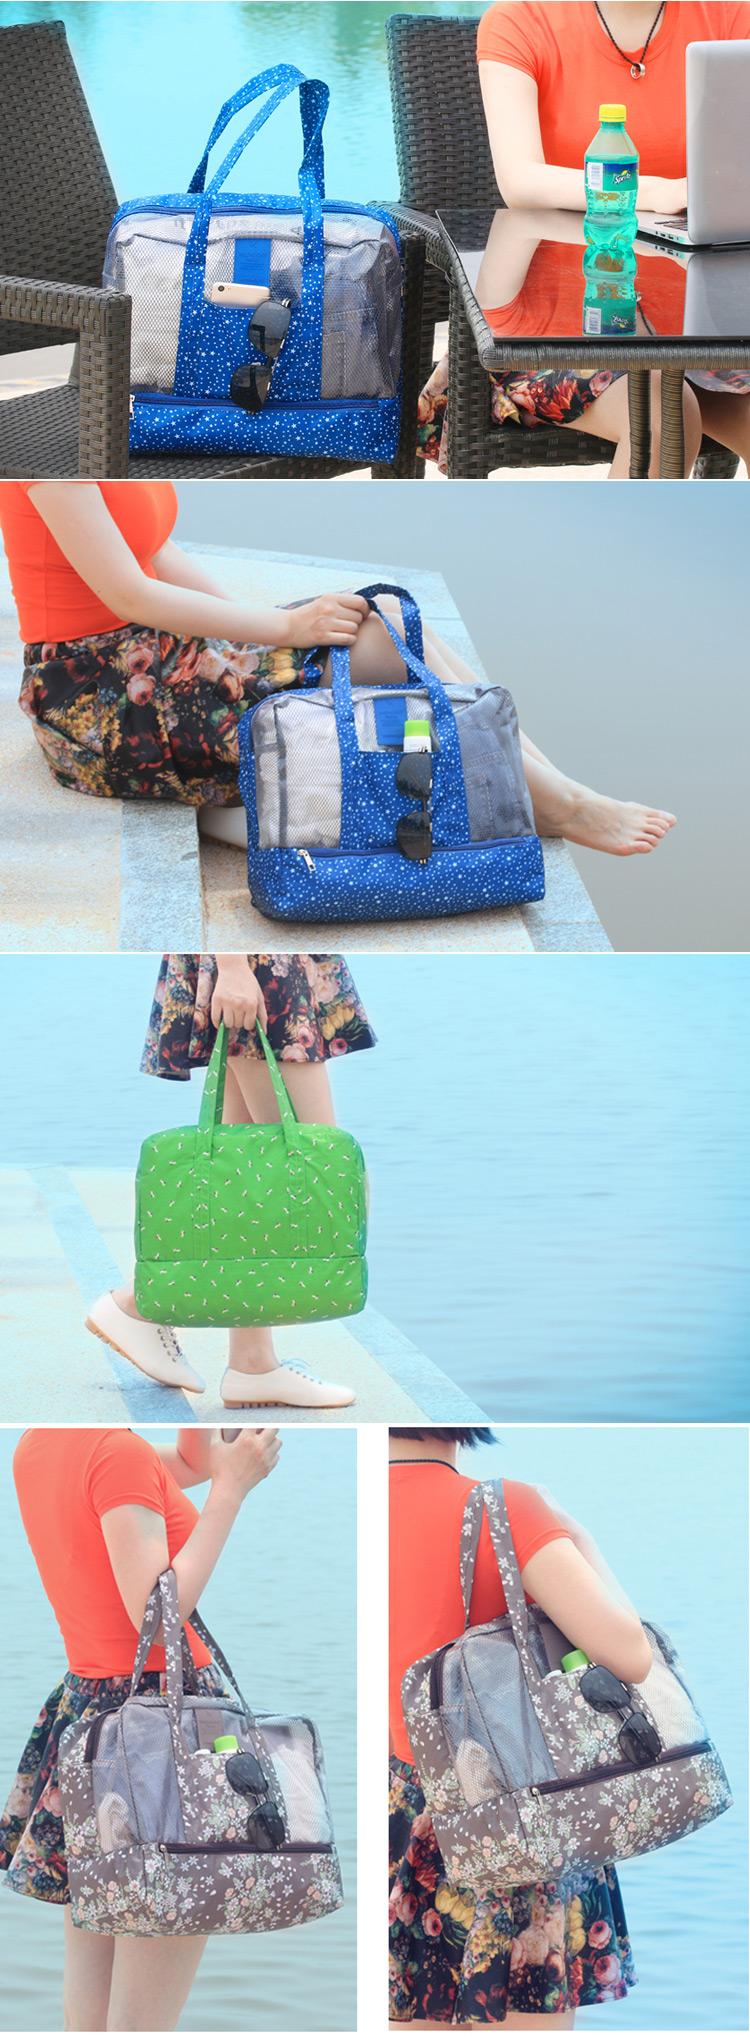 Honana HN-TB06 Dry Wet Depart Bag Travel Waterproof Swimming Bag Beach Organizer Tote Storage Bag